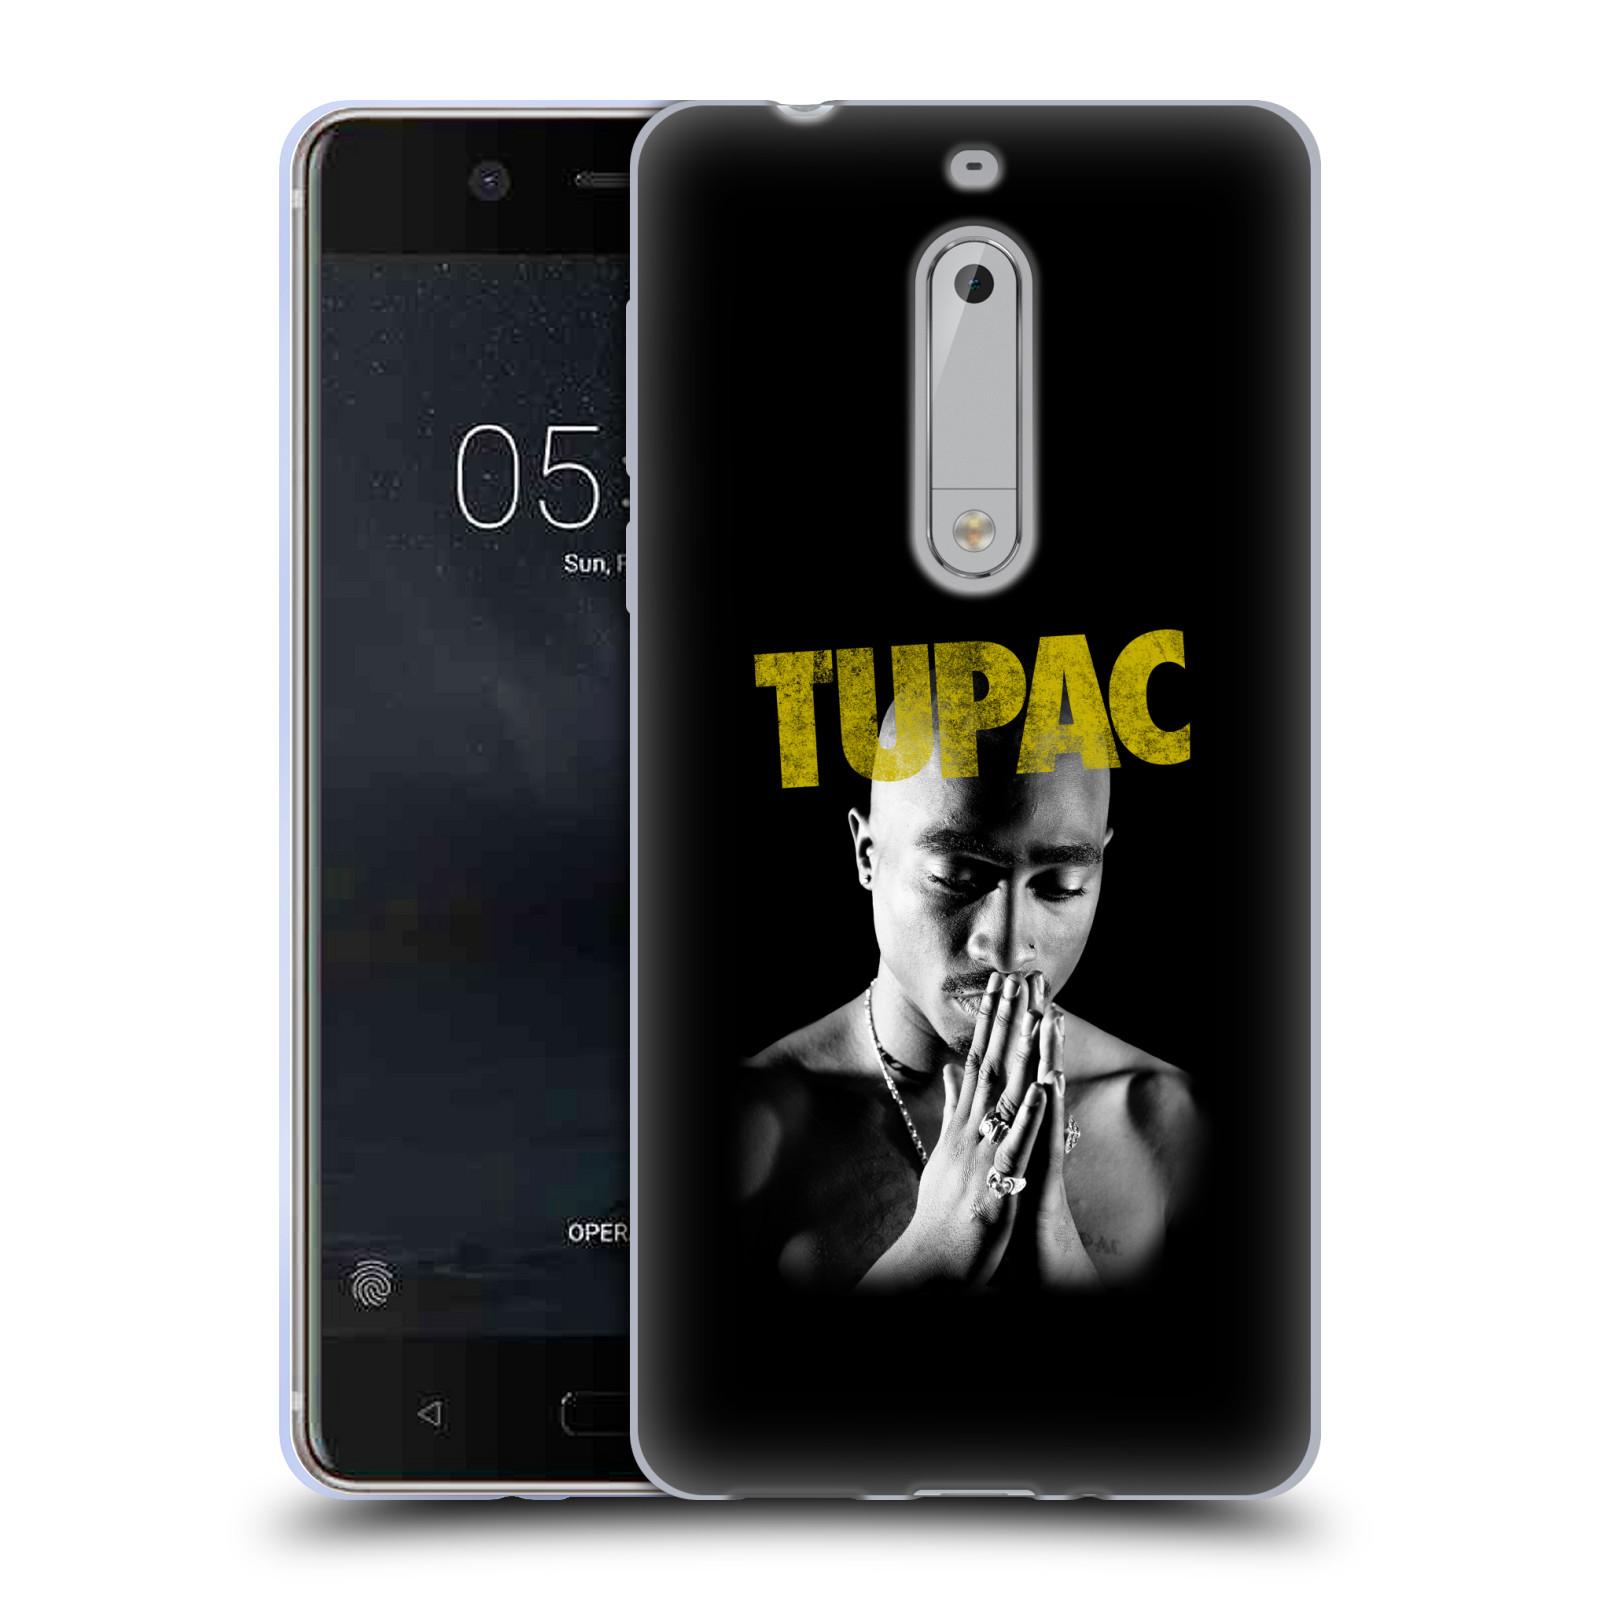 HEAD CASE silikonový obal na mobil Nokia 5 Zpěvák rapper Tupac Shakur 2Pac zlatý nadpis